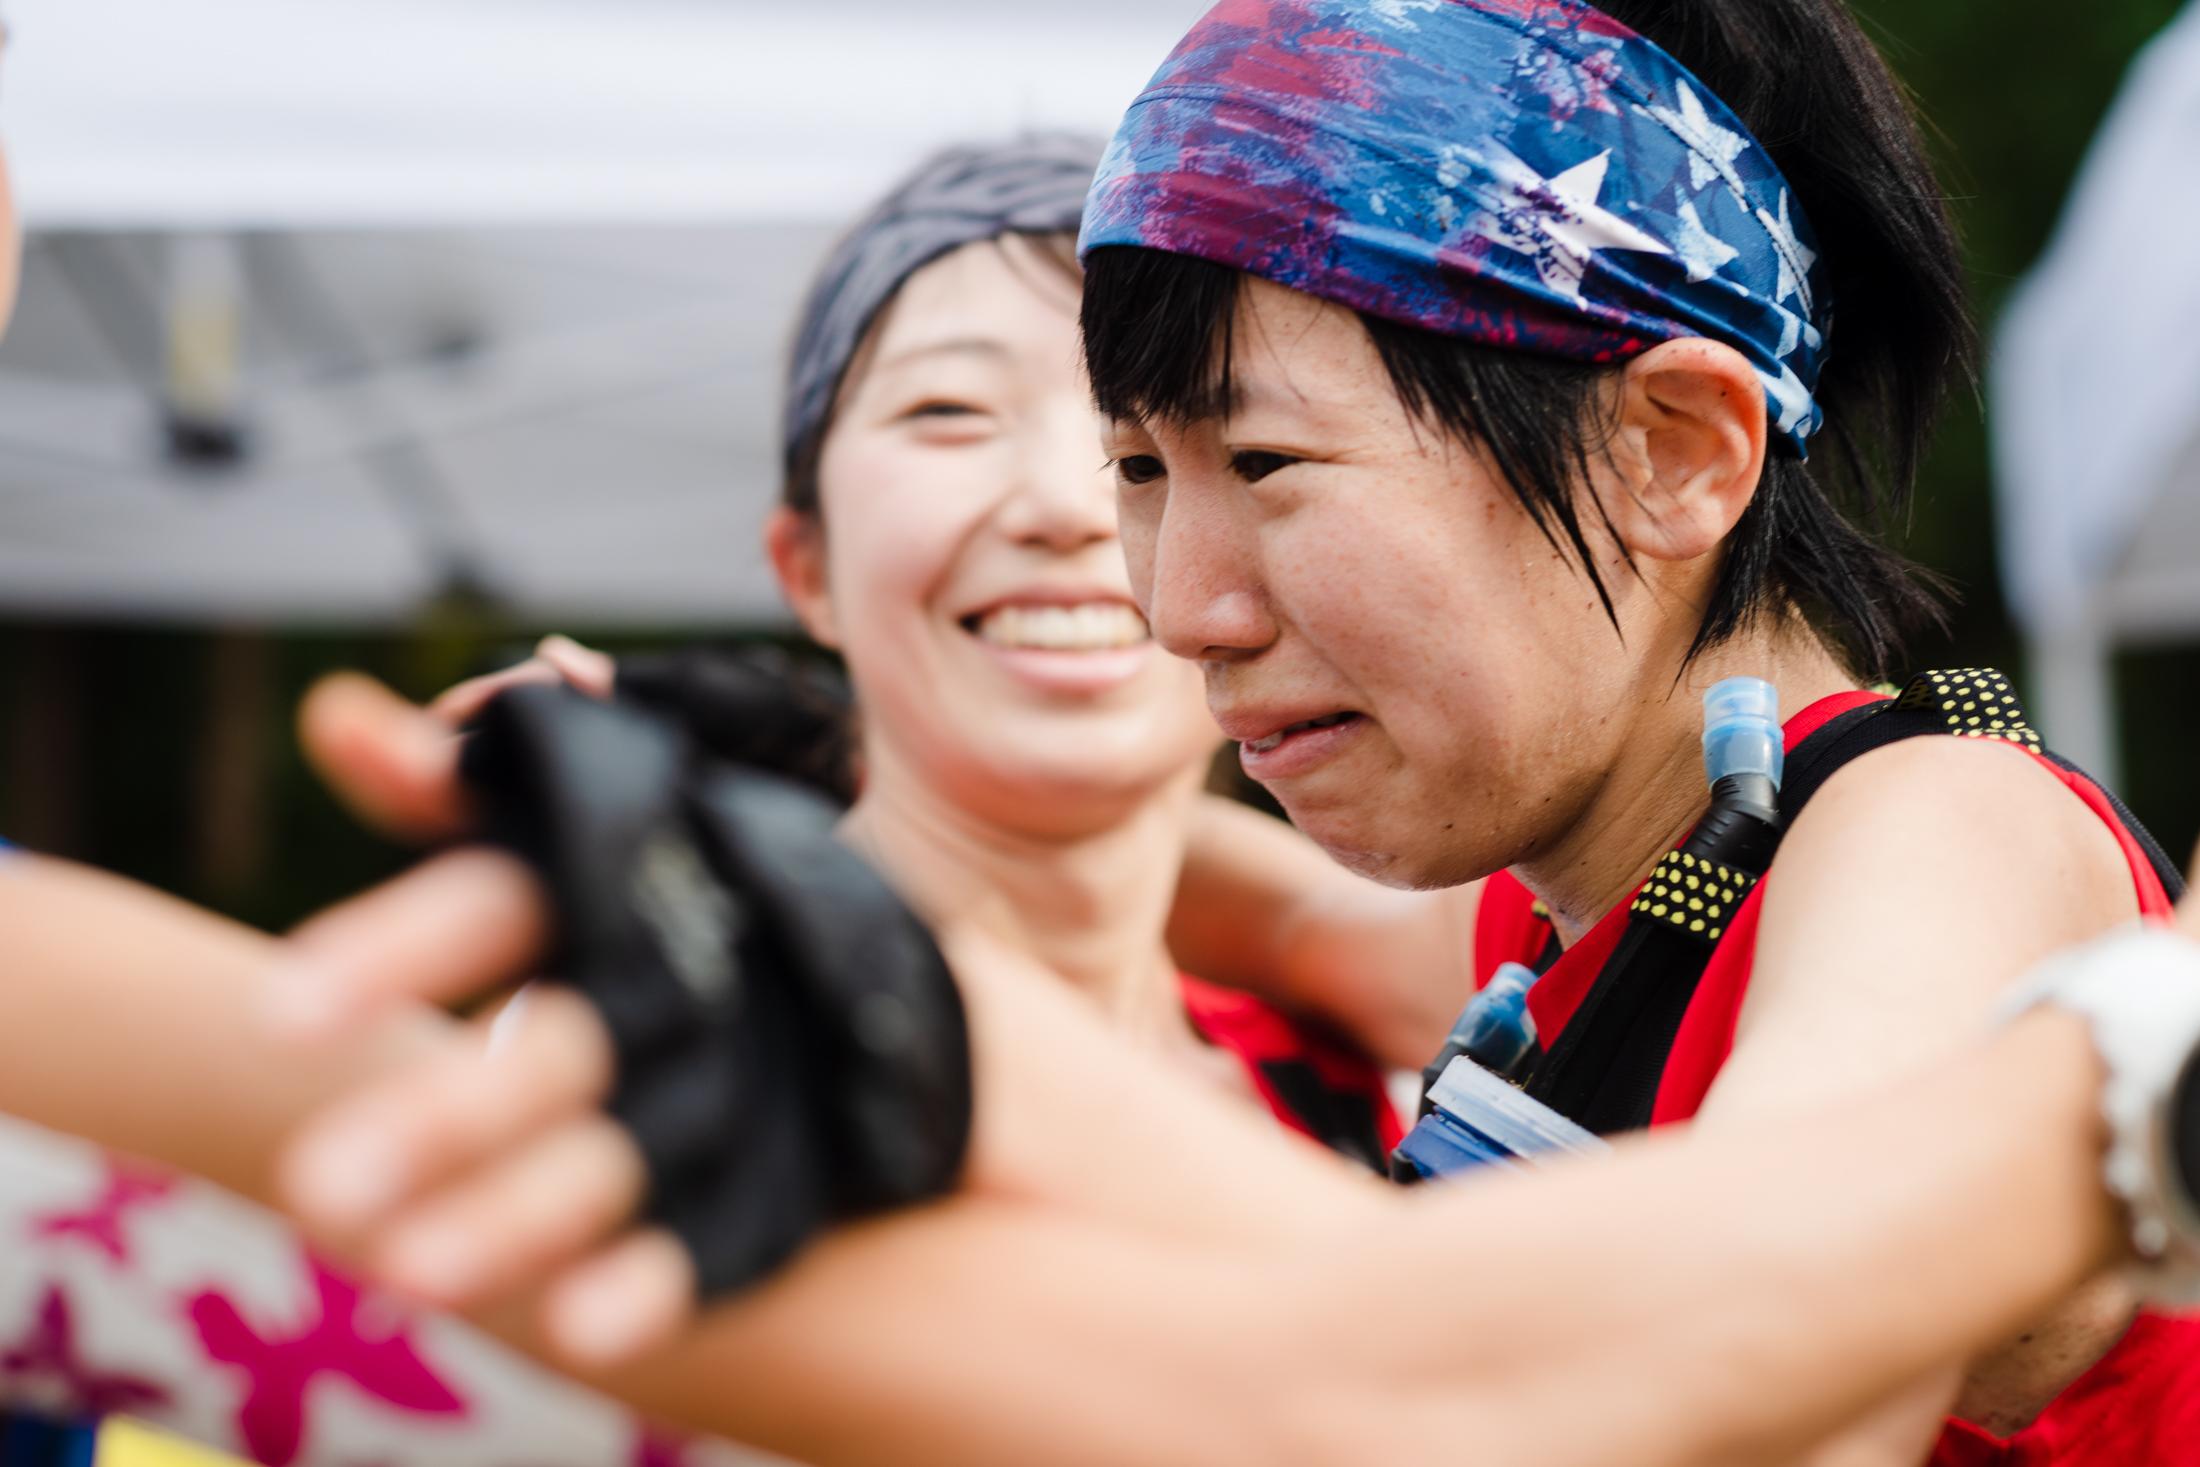 ゴール後感極まる、楠田 ©びわ湖バレイスカイラン